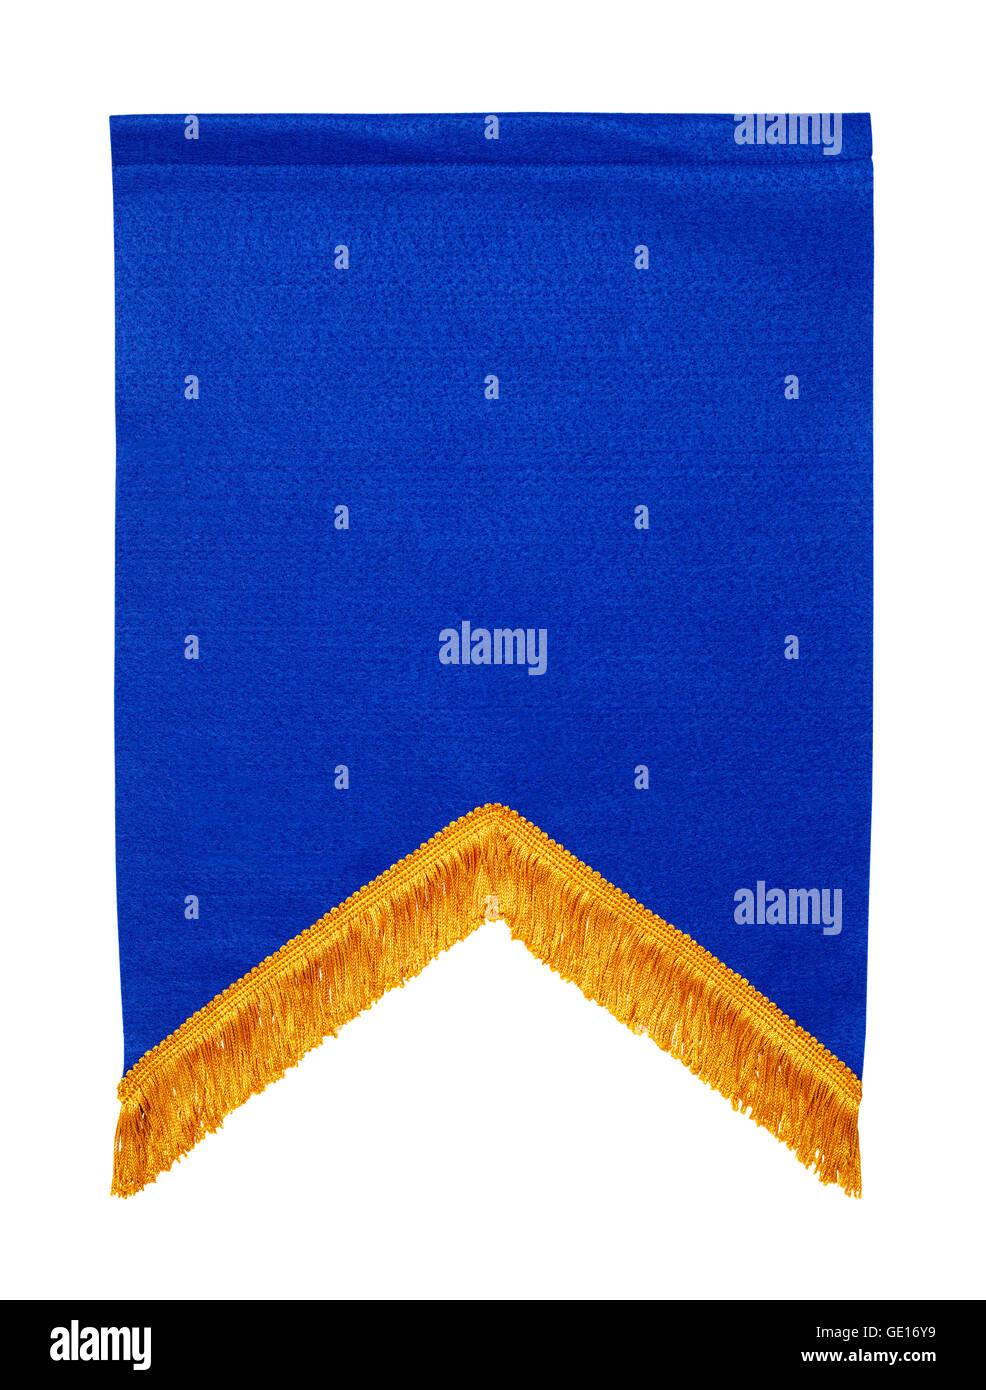 Premio Bandera Azul sintió aislado sobre fondo blanco. Imagen De Stock